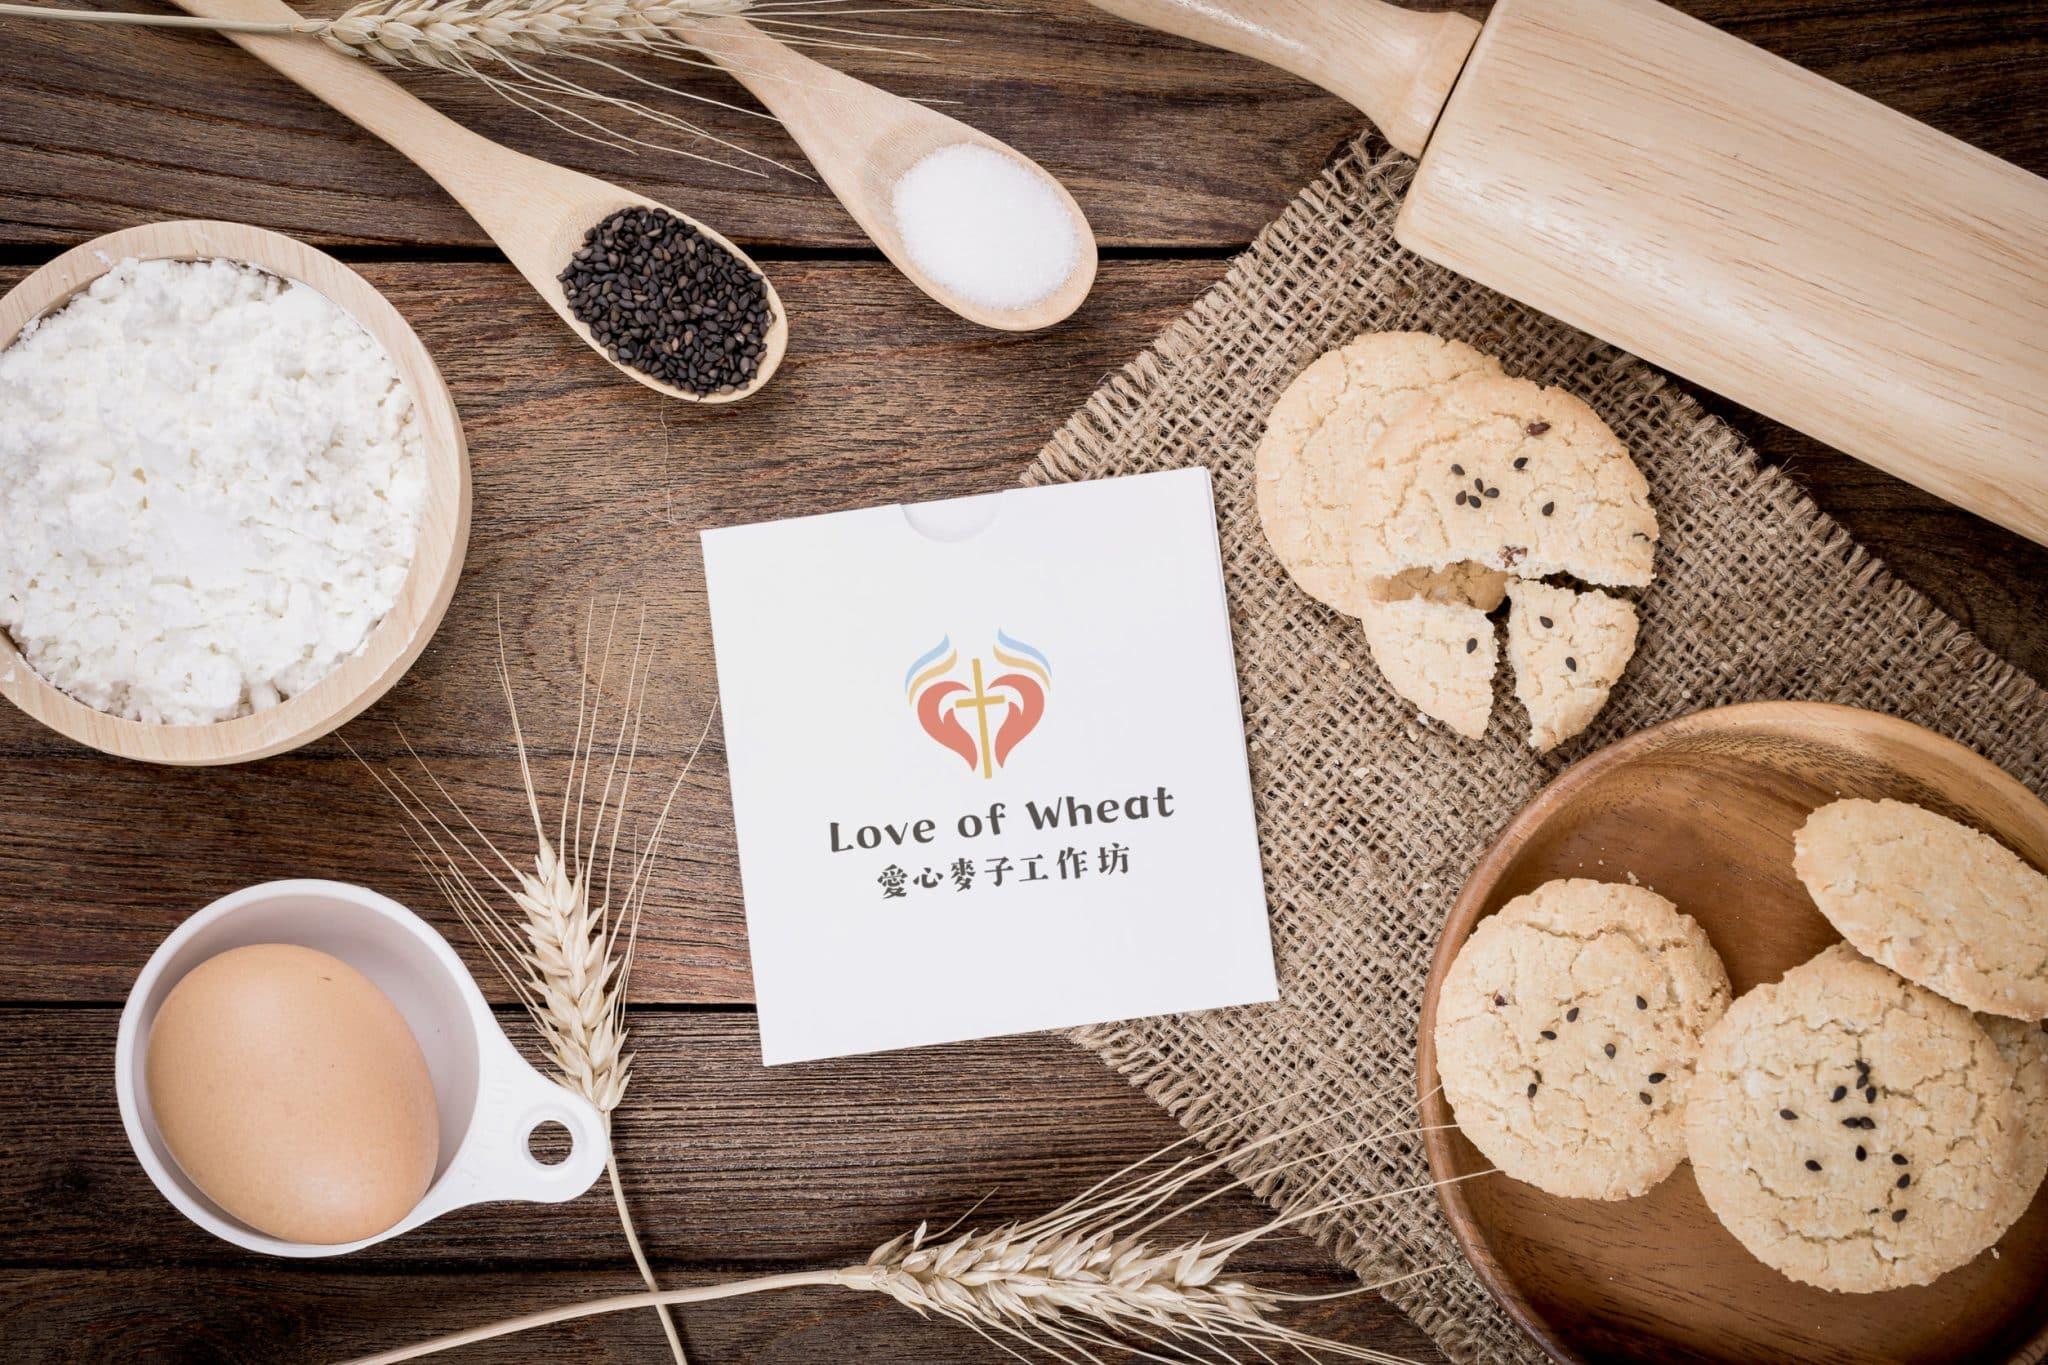 愛心麥子工作坊 LOGO設計 品牌設計 商標設計 形象設計